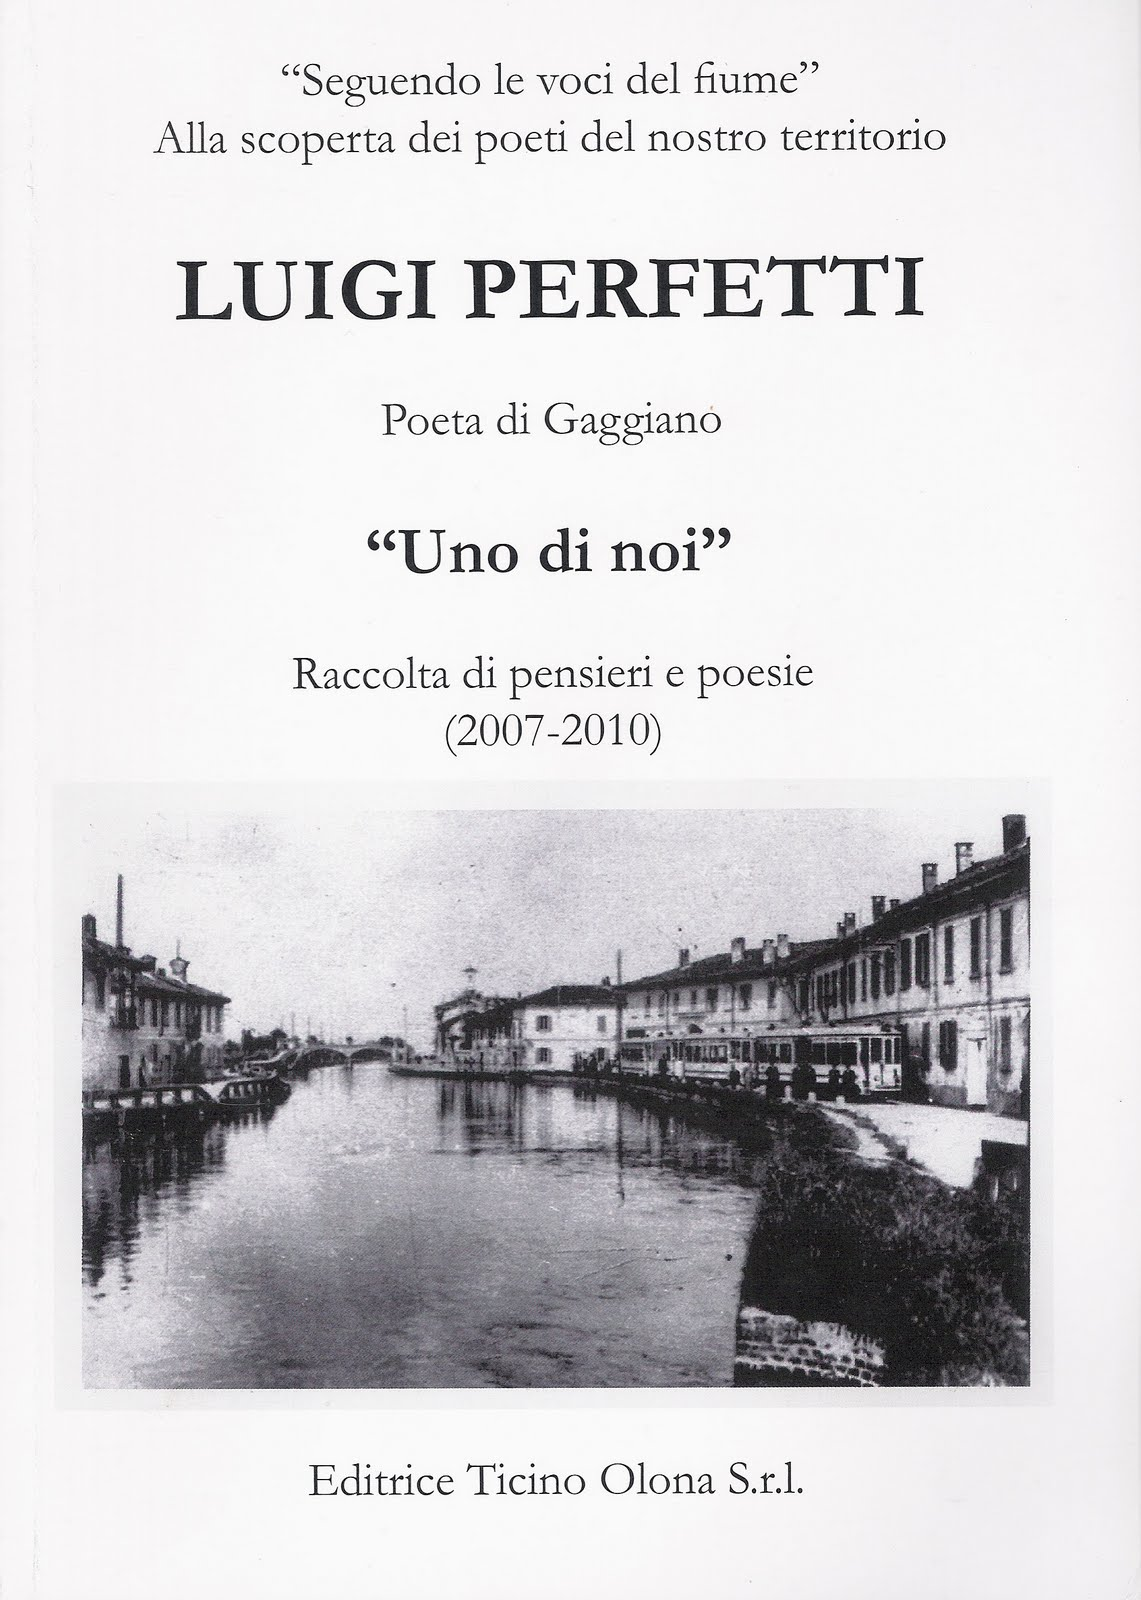 ACR-ONLUS e Z. S. G.-libro di un GAGGIANESE il Poeta L.PERFETTI dicembre 2011/12/13!